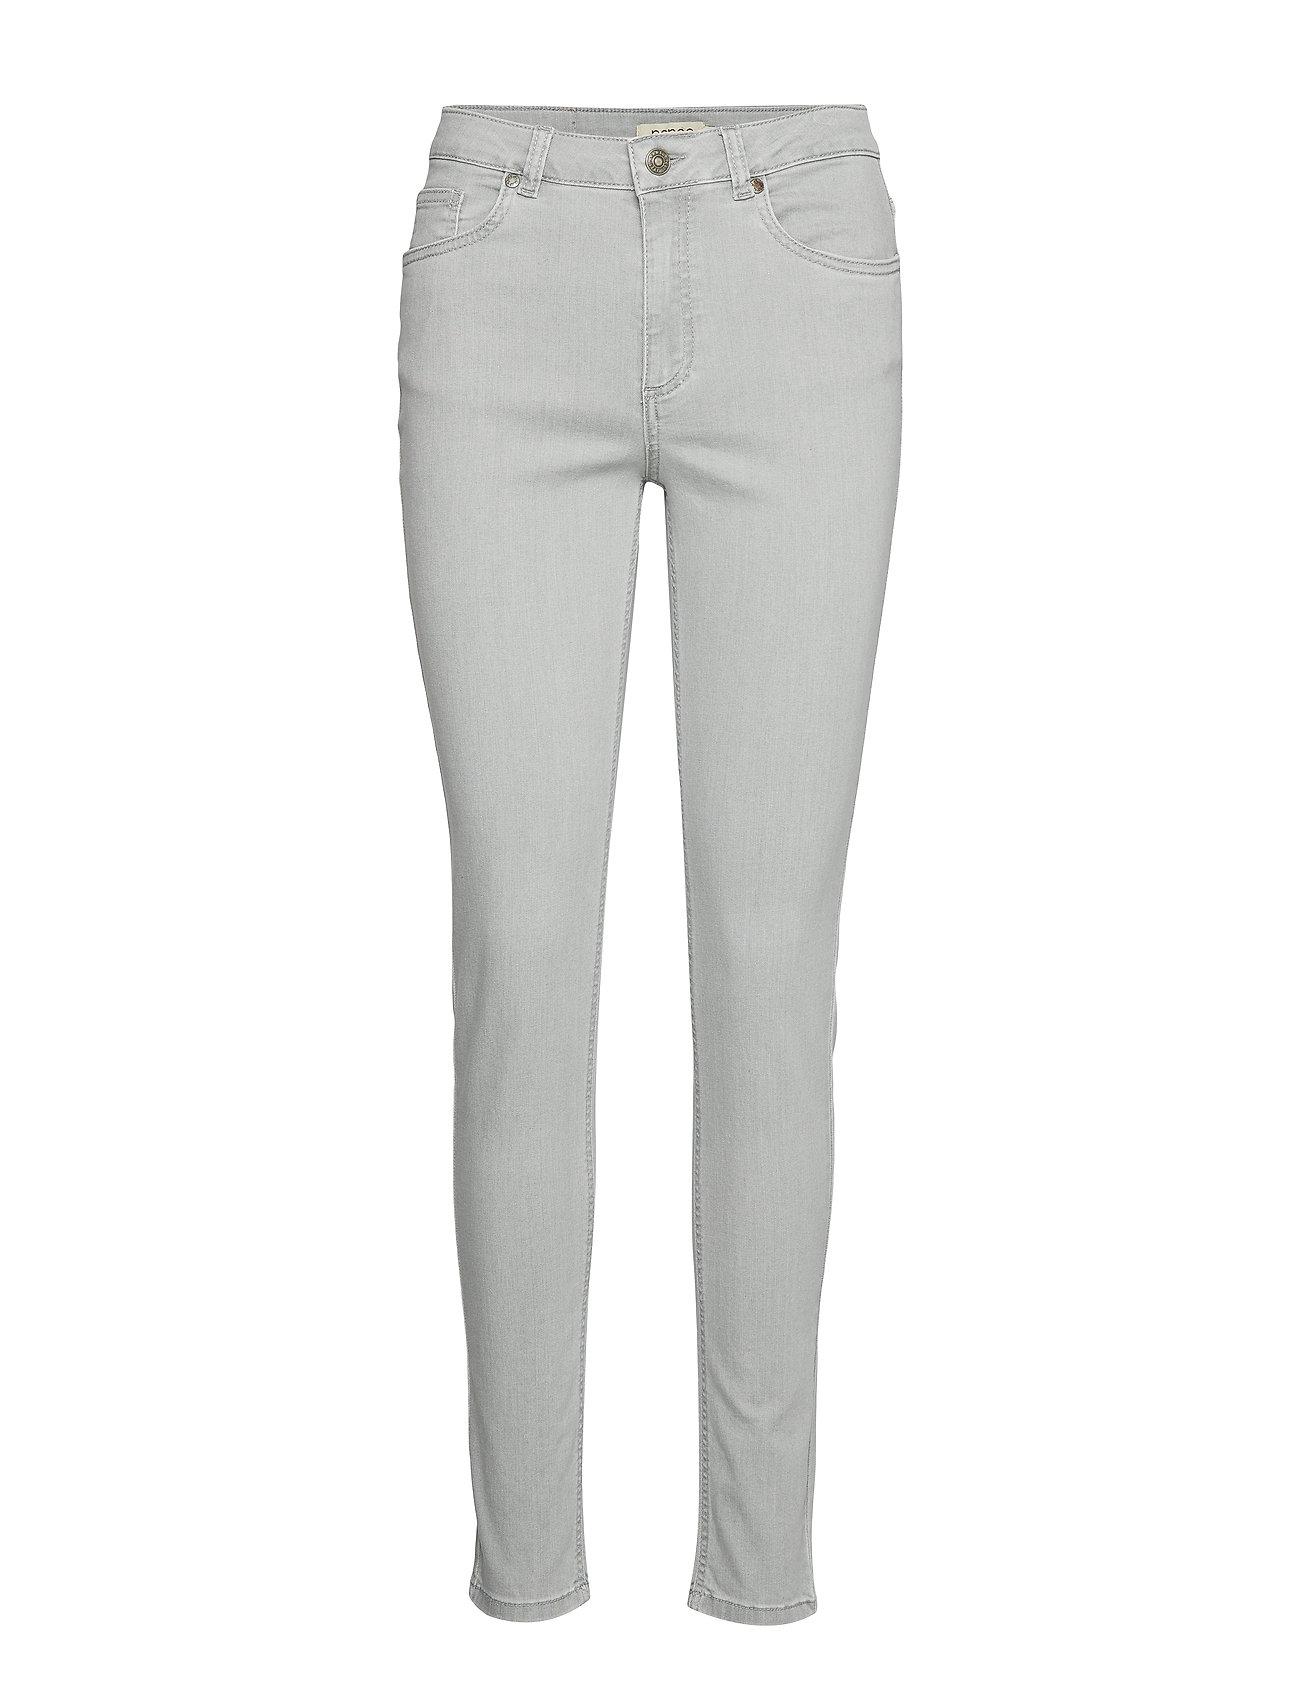 Nanso Ladies jeans, Demi - GREY